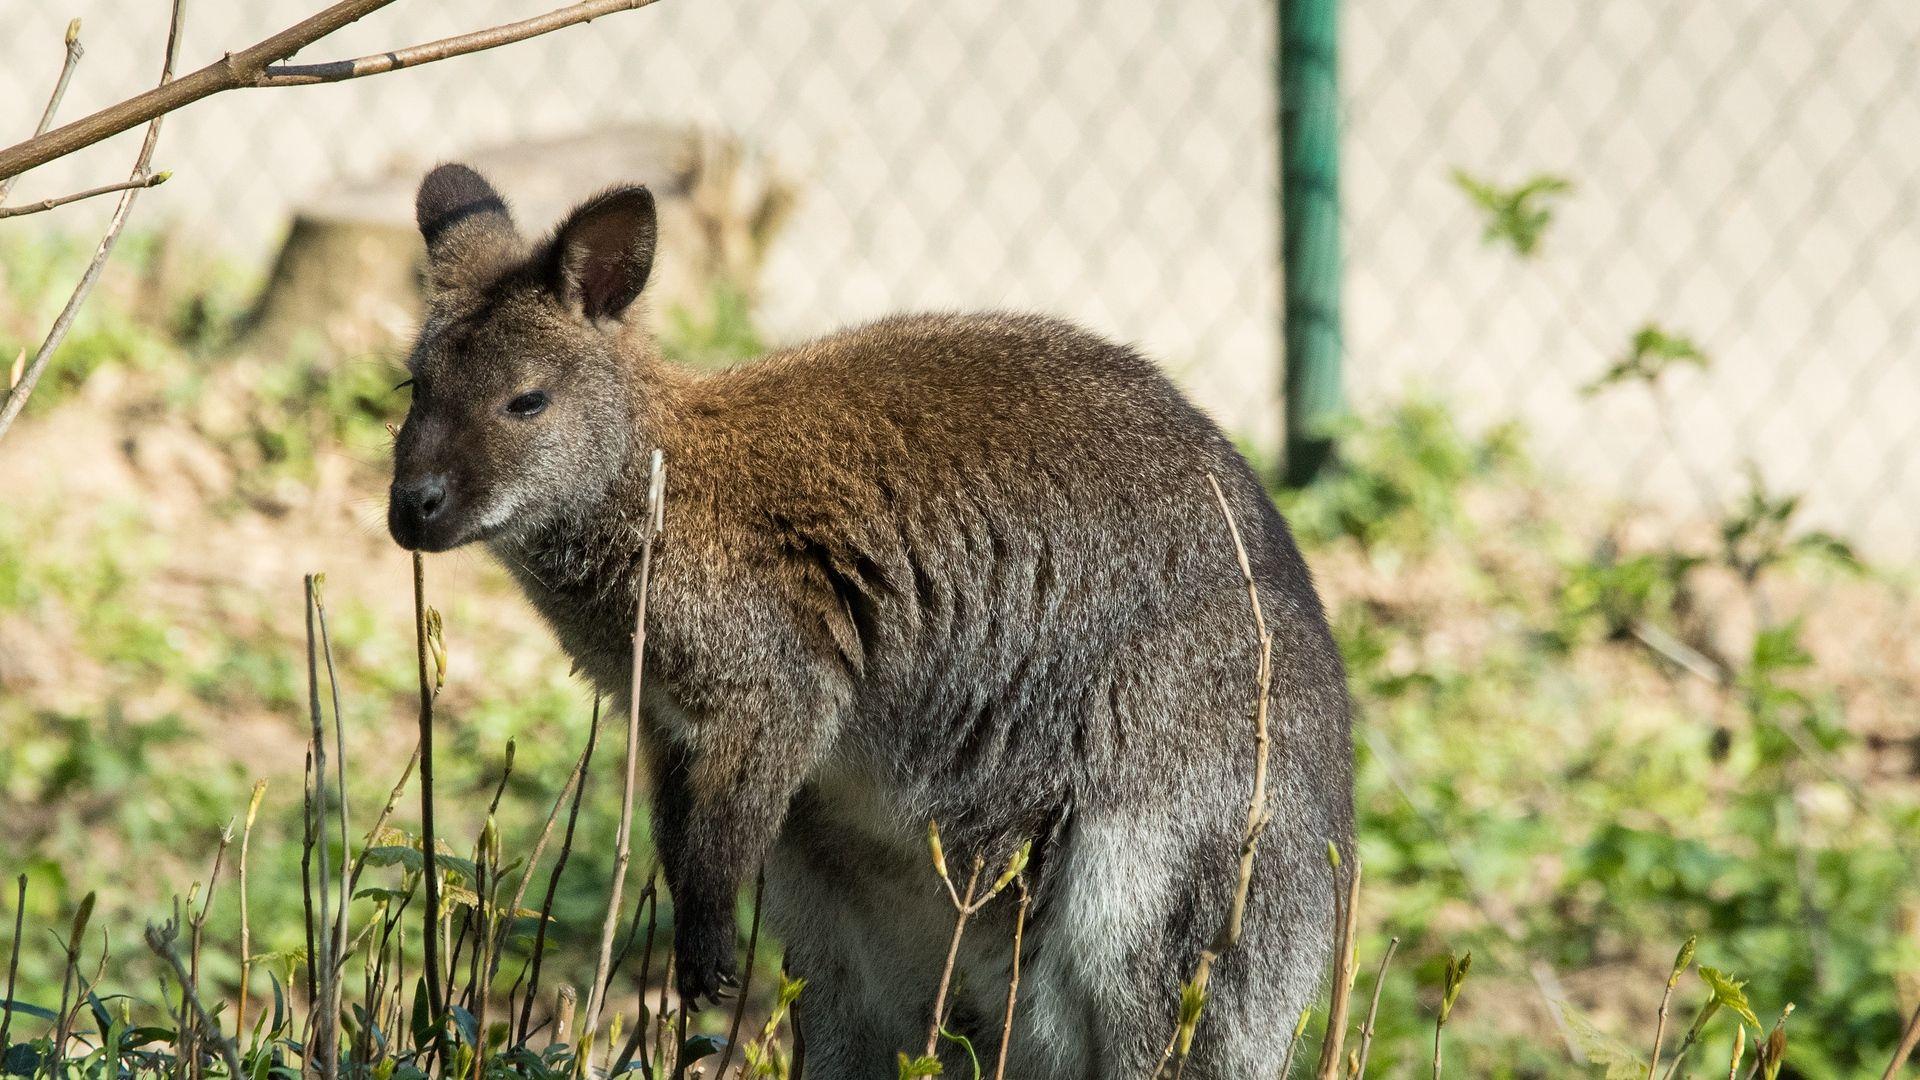 Kangaroo Wallaby Photos